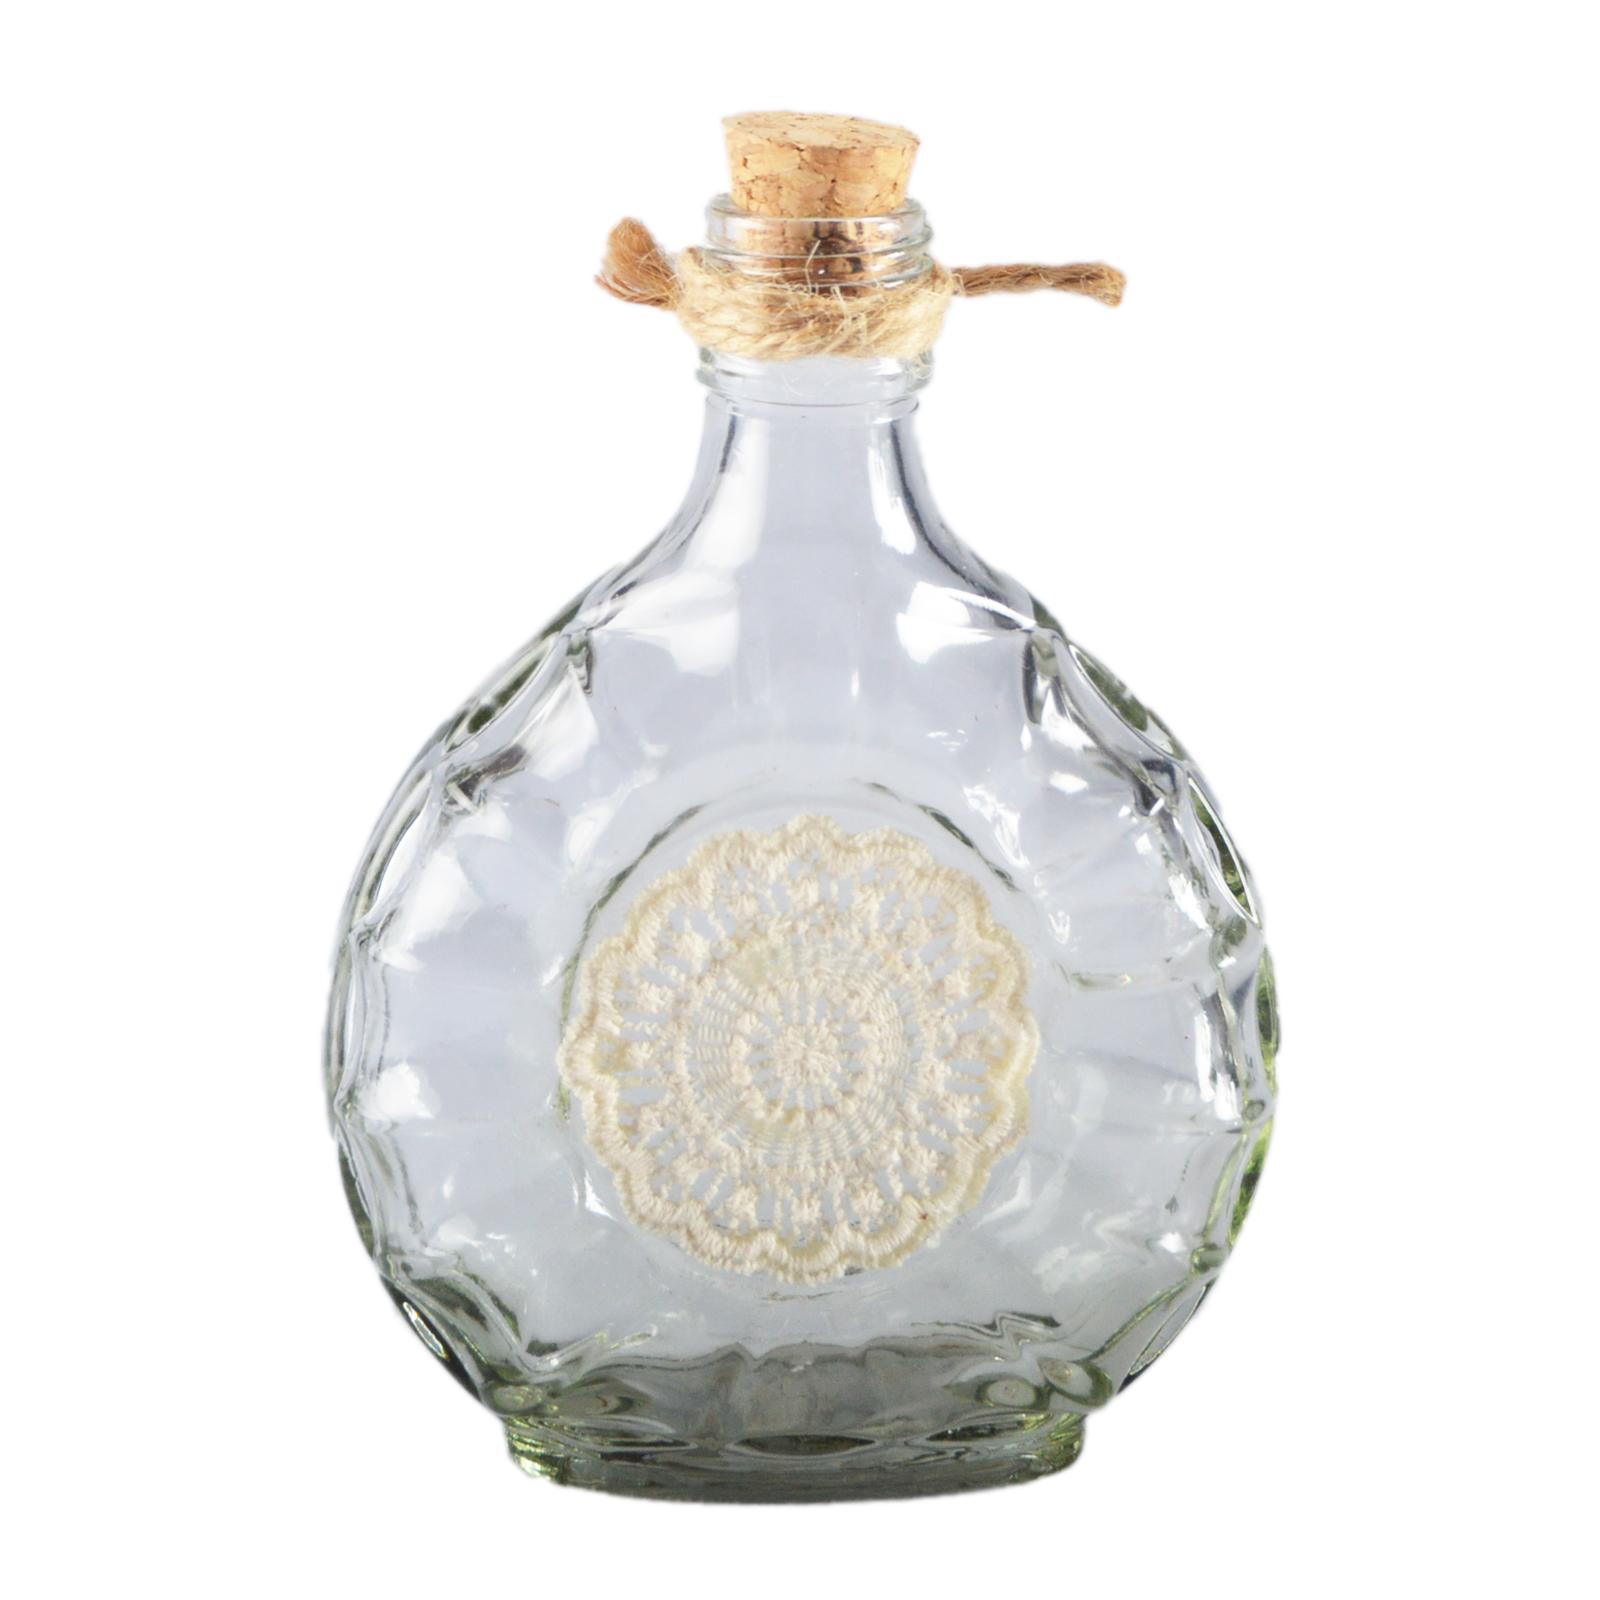 Botellas decorativas decoraci n bordado de vidrio - Decoracion de botellas ...